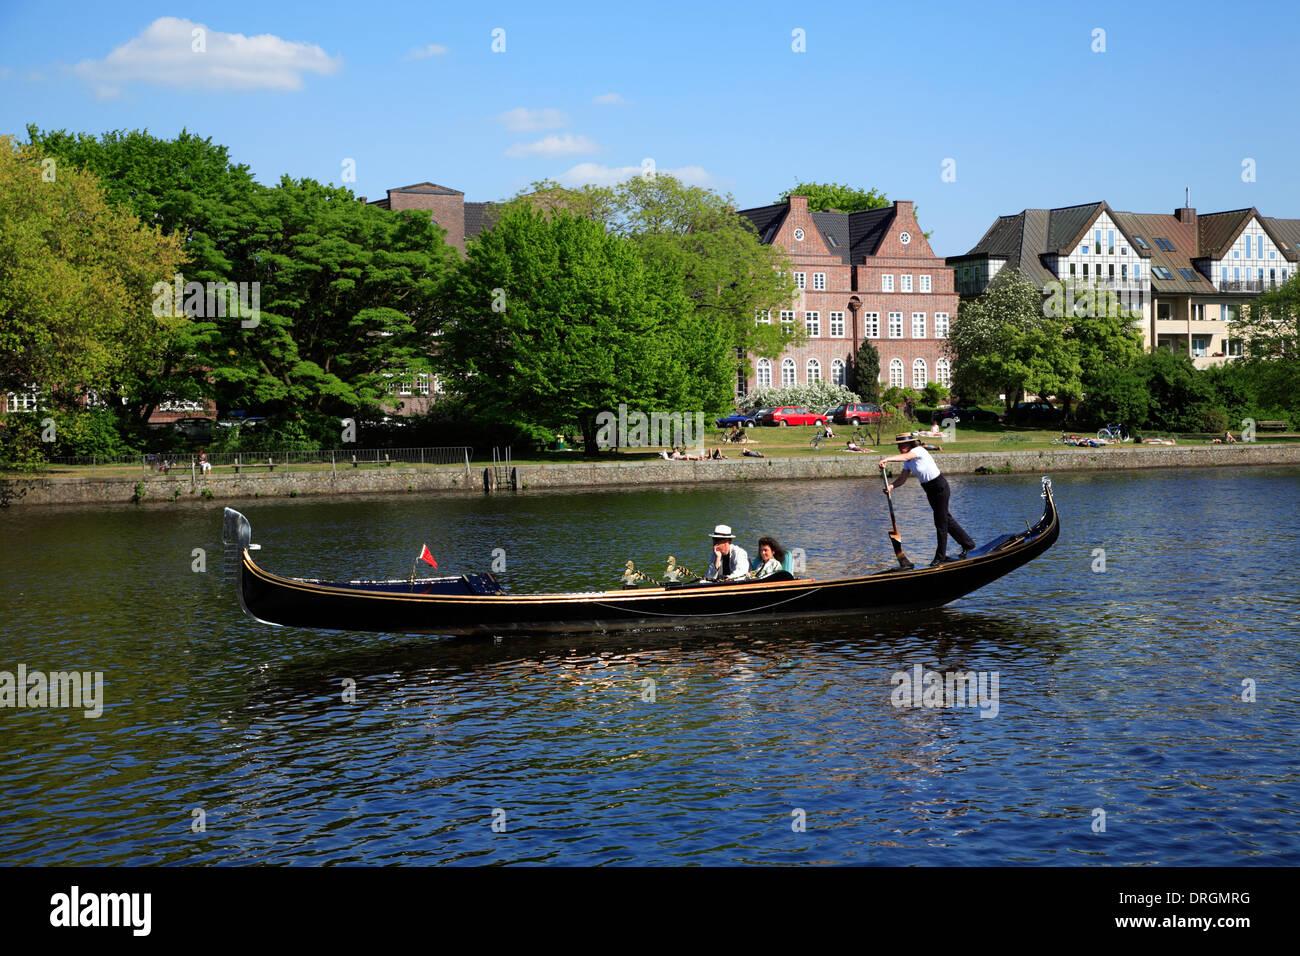 Female gondoliera on lake Alster, Hamburg, Germany, Europe - Stock Image